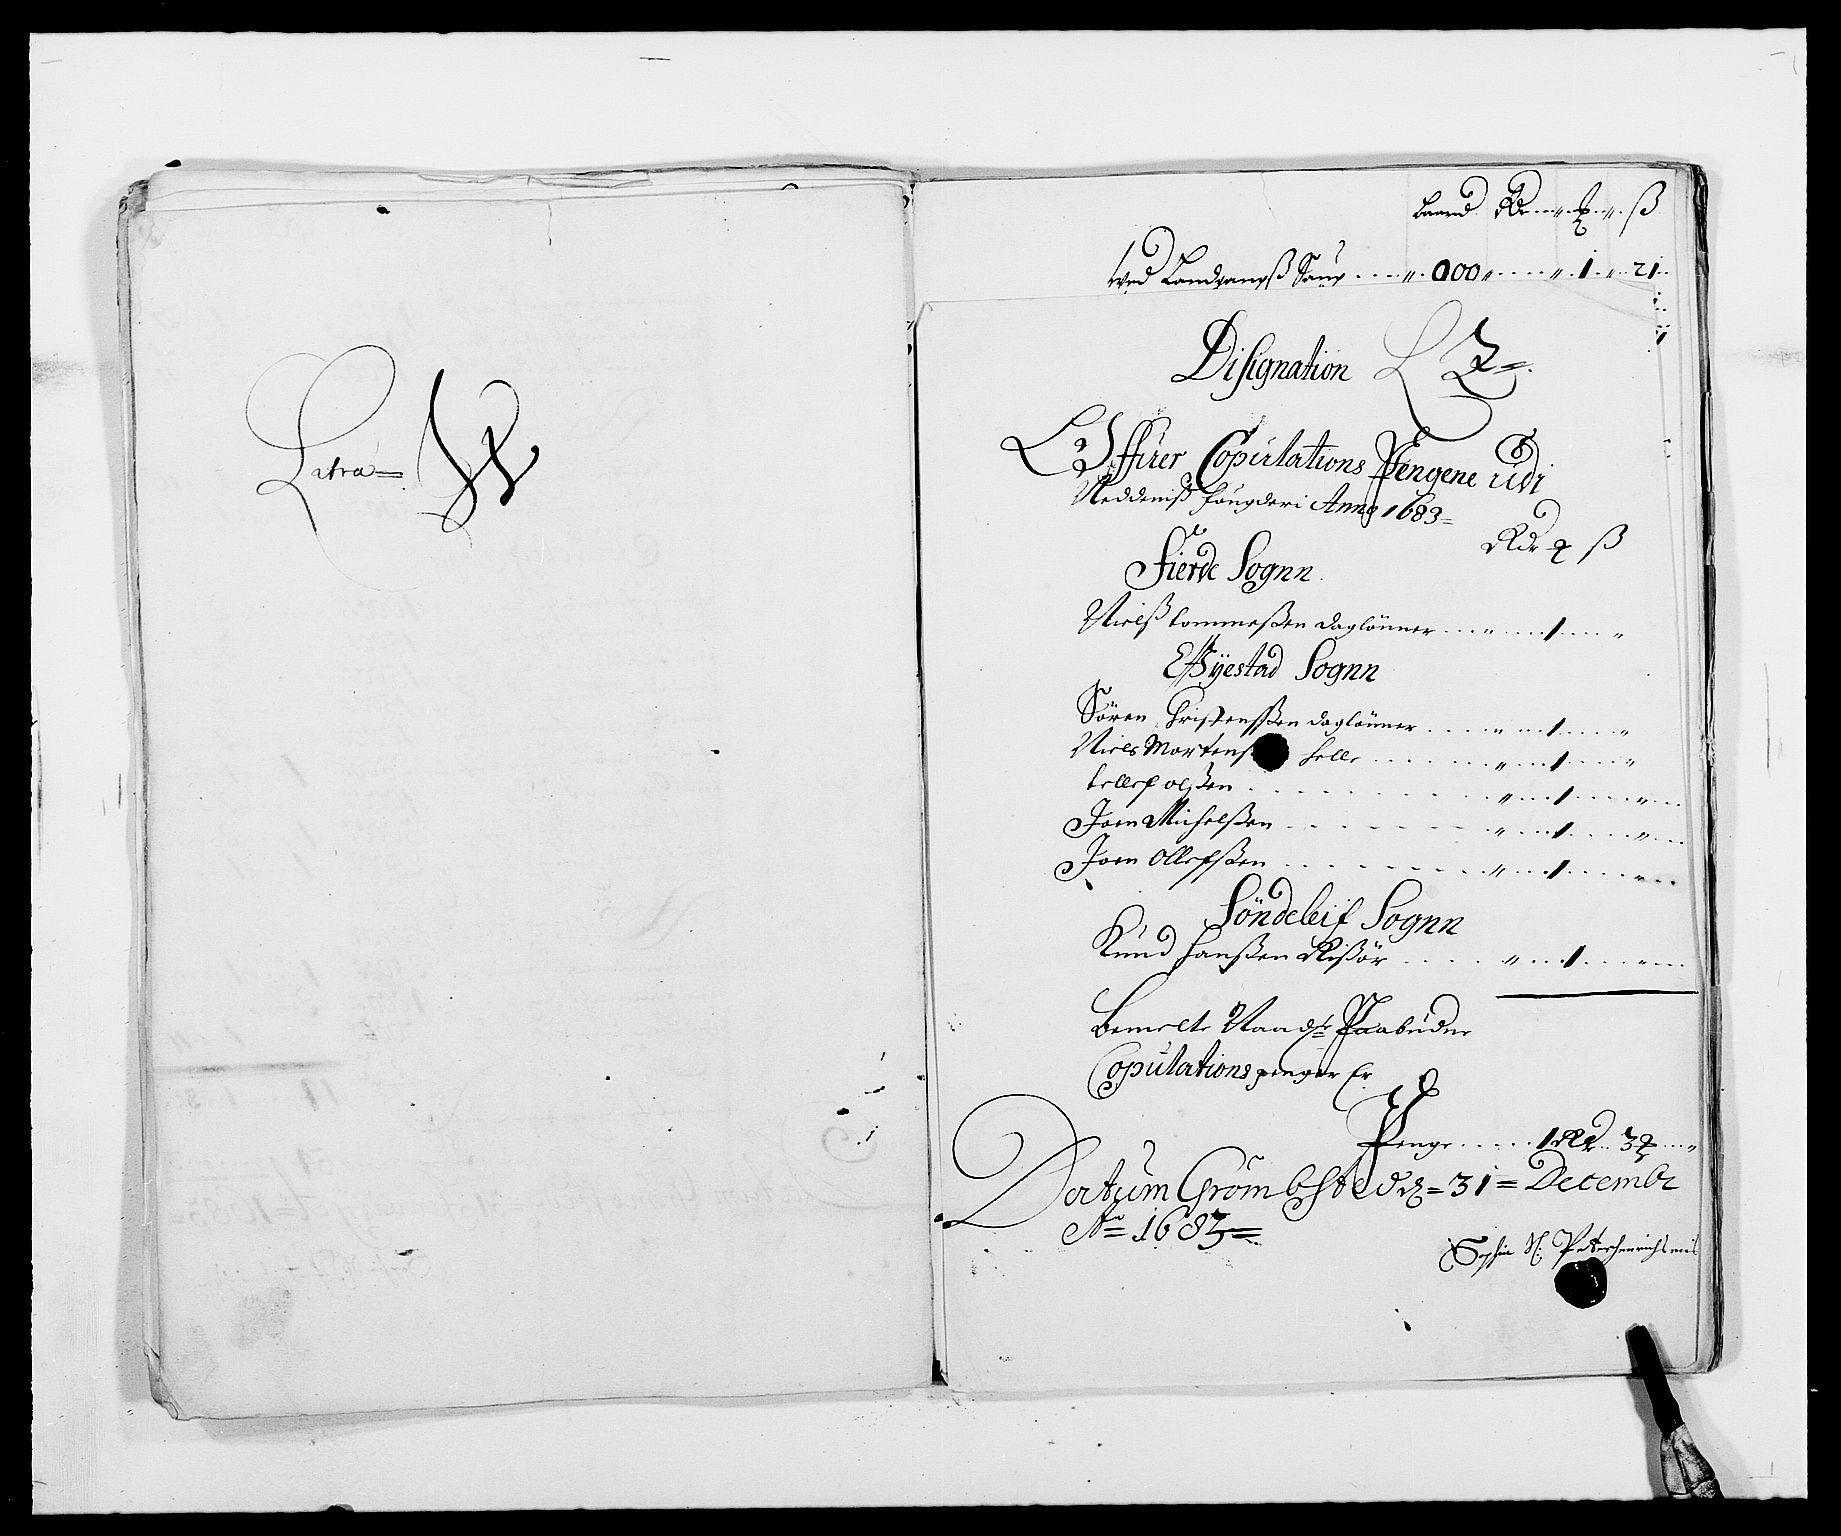 RA, Rentekammeret inntil 1814, Reviderte regnskaper, Fogderegnskap, R39/L2305: Fogderegnskap Nedenes, 1683, s. 223